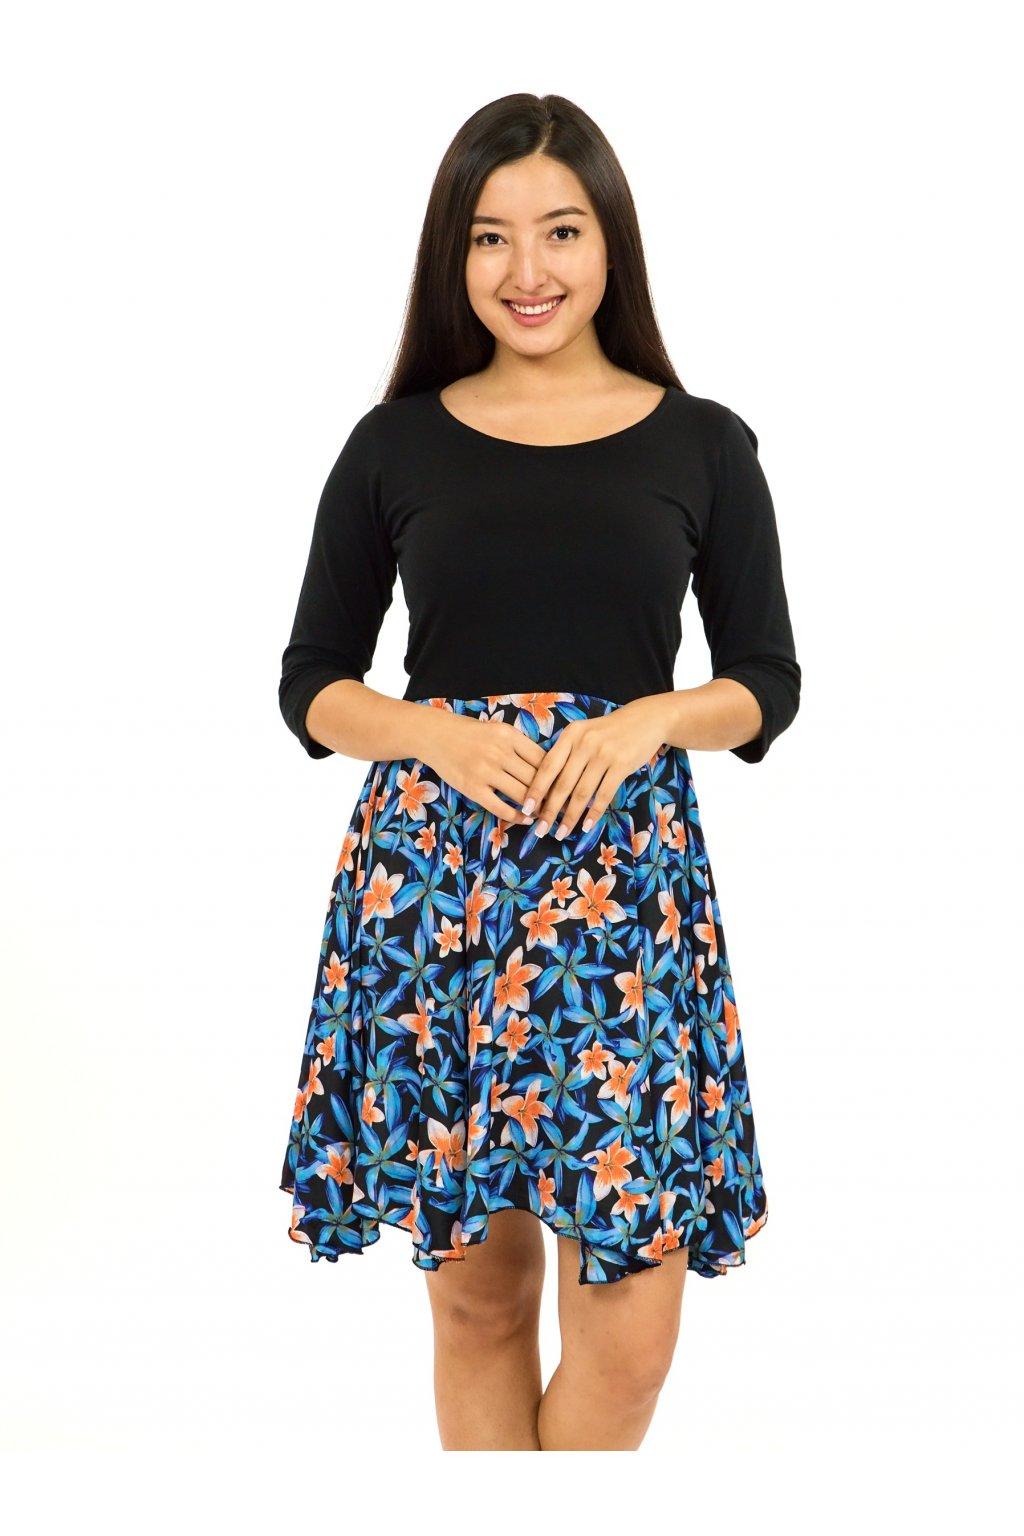 Šaty s 3/4 rukávem Plumeria - tyrkysová s oranžovou